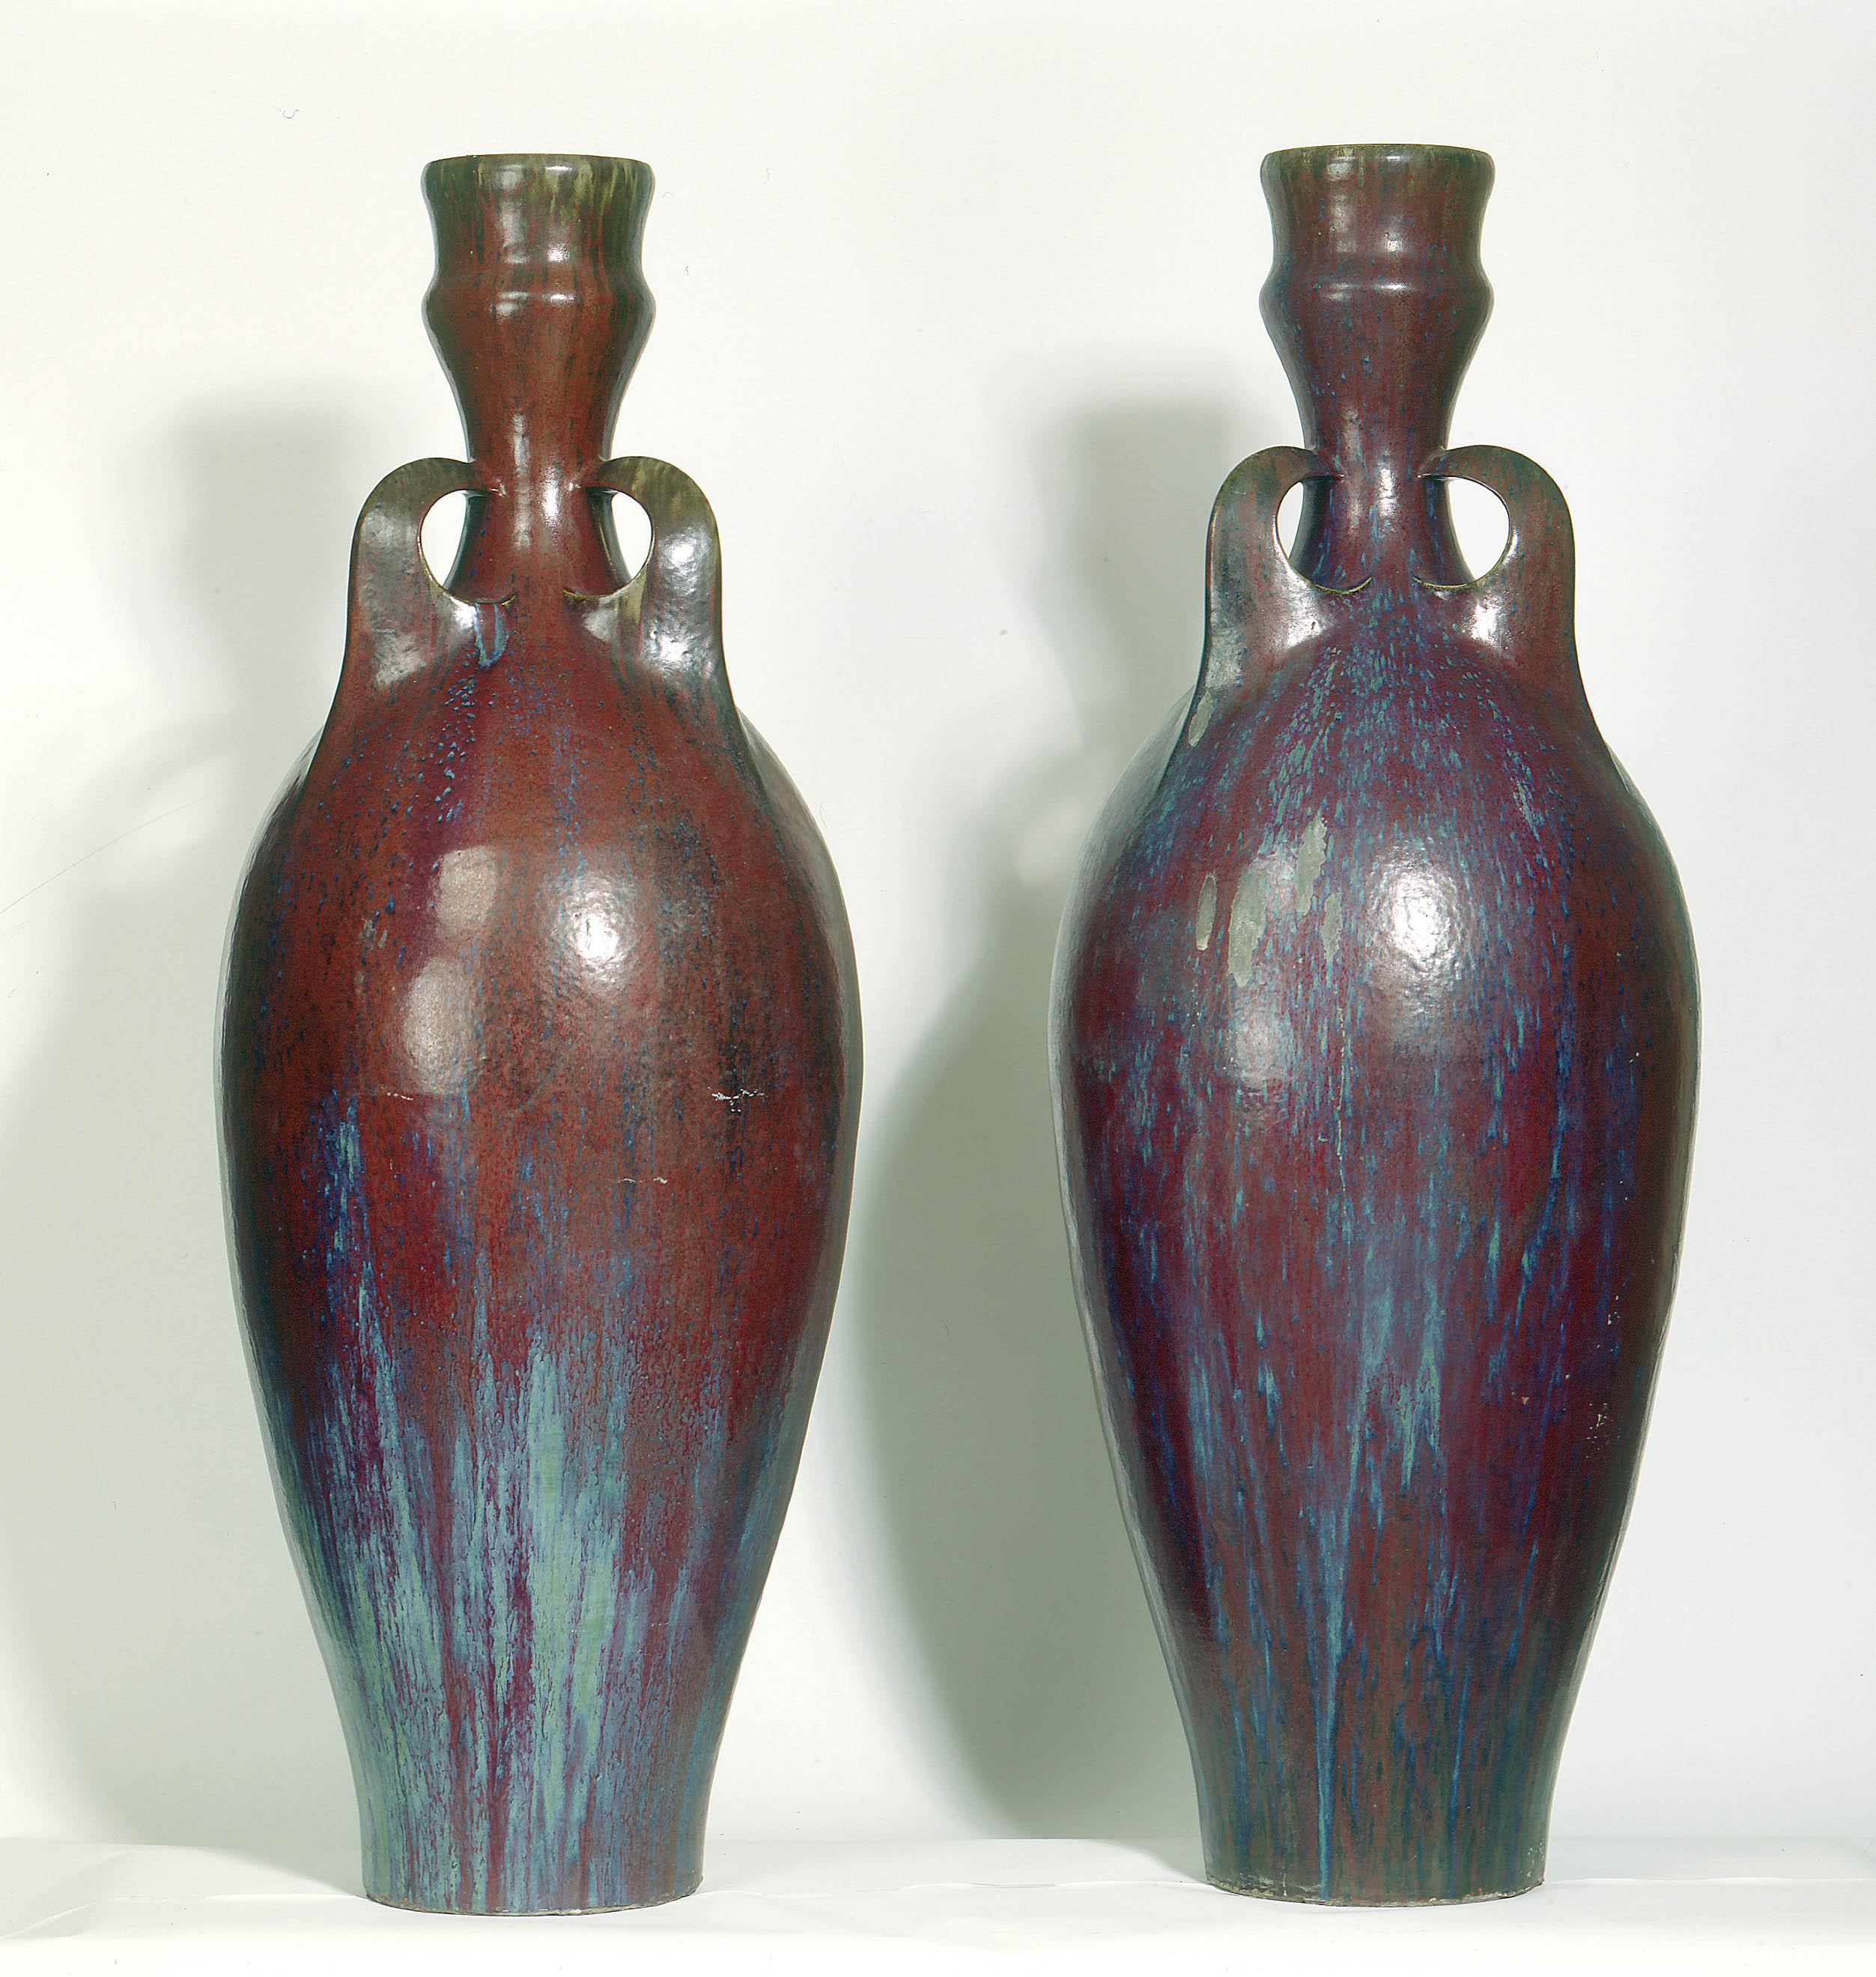 Pair of vases - Pierre-Adrien Dalpayrat